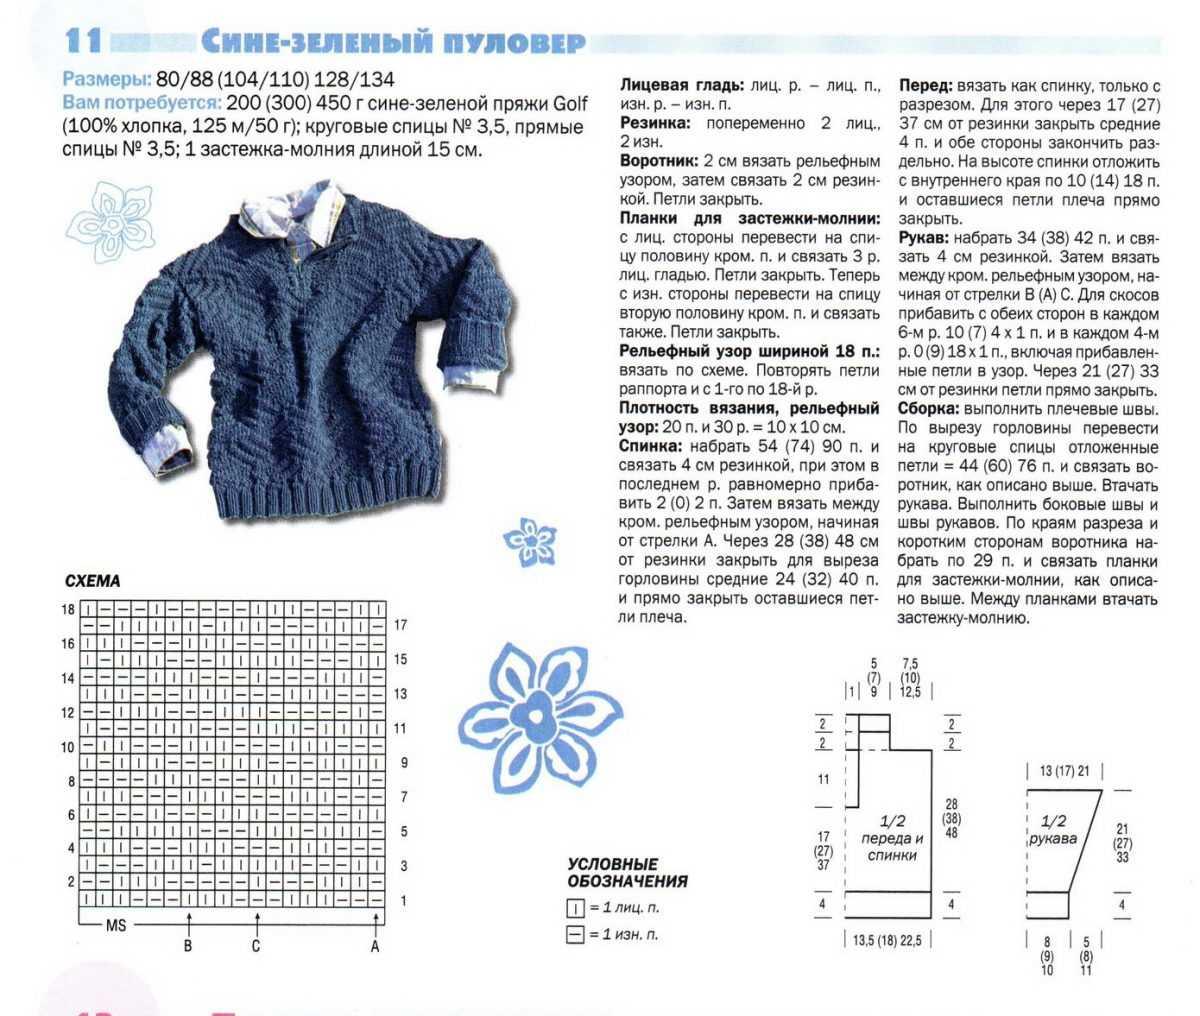 Фото автоматов с описанием и схемой 70